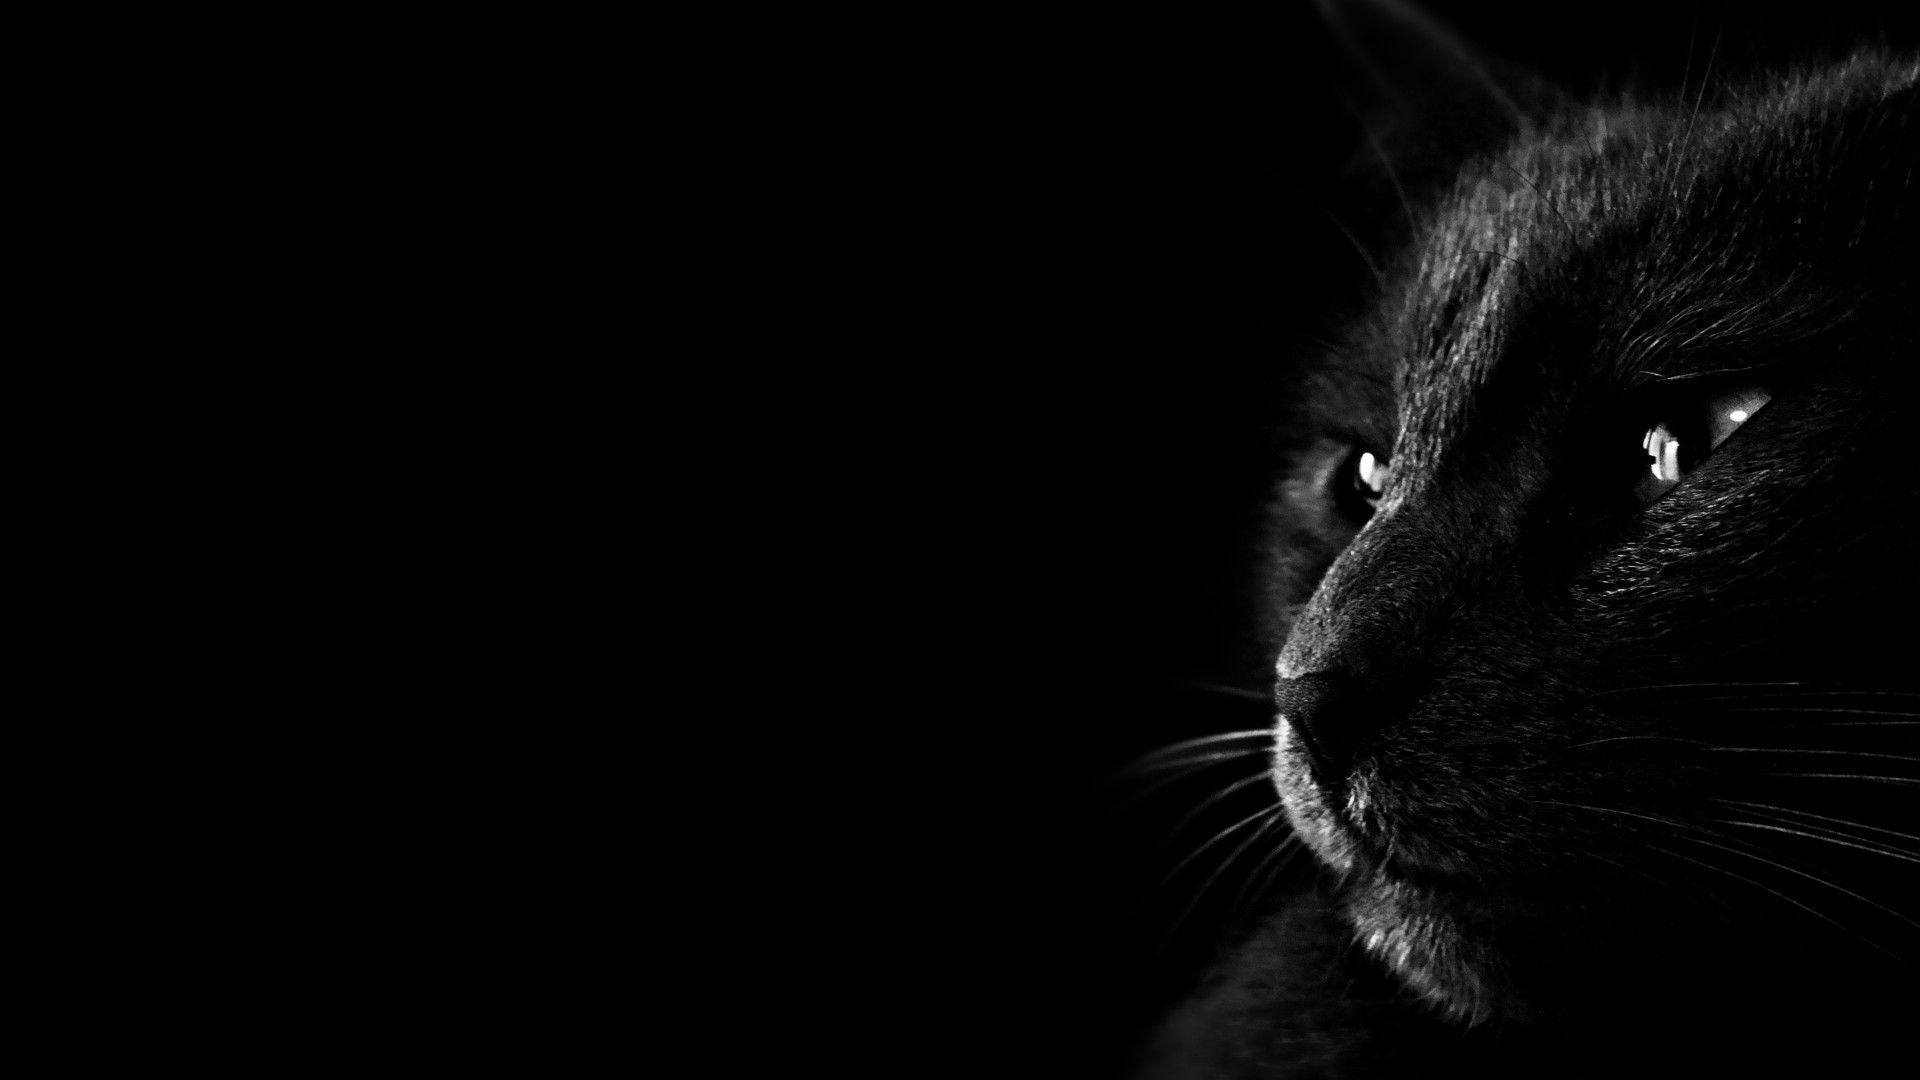 black cat pics